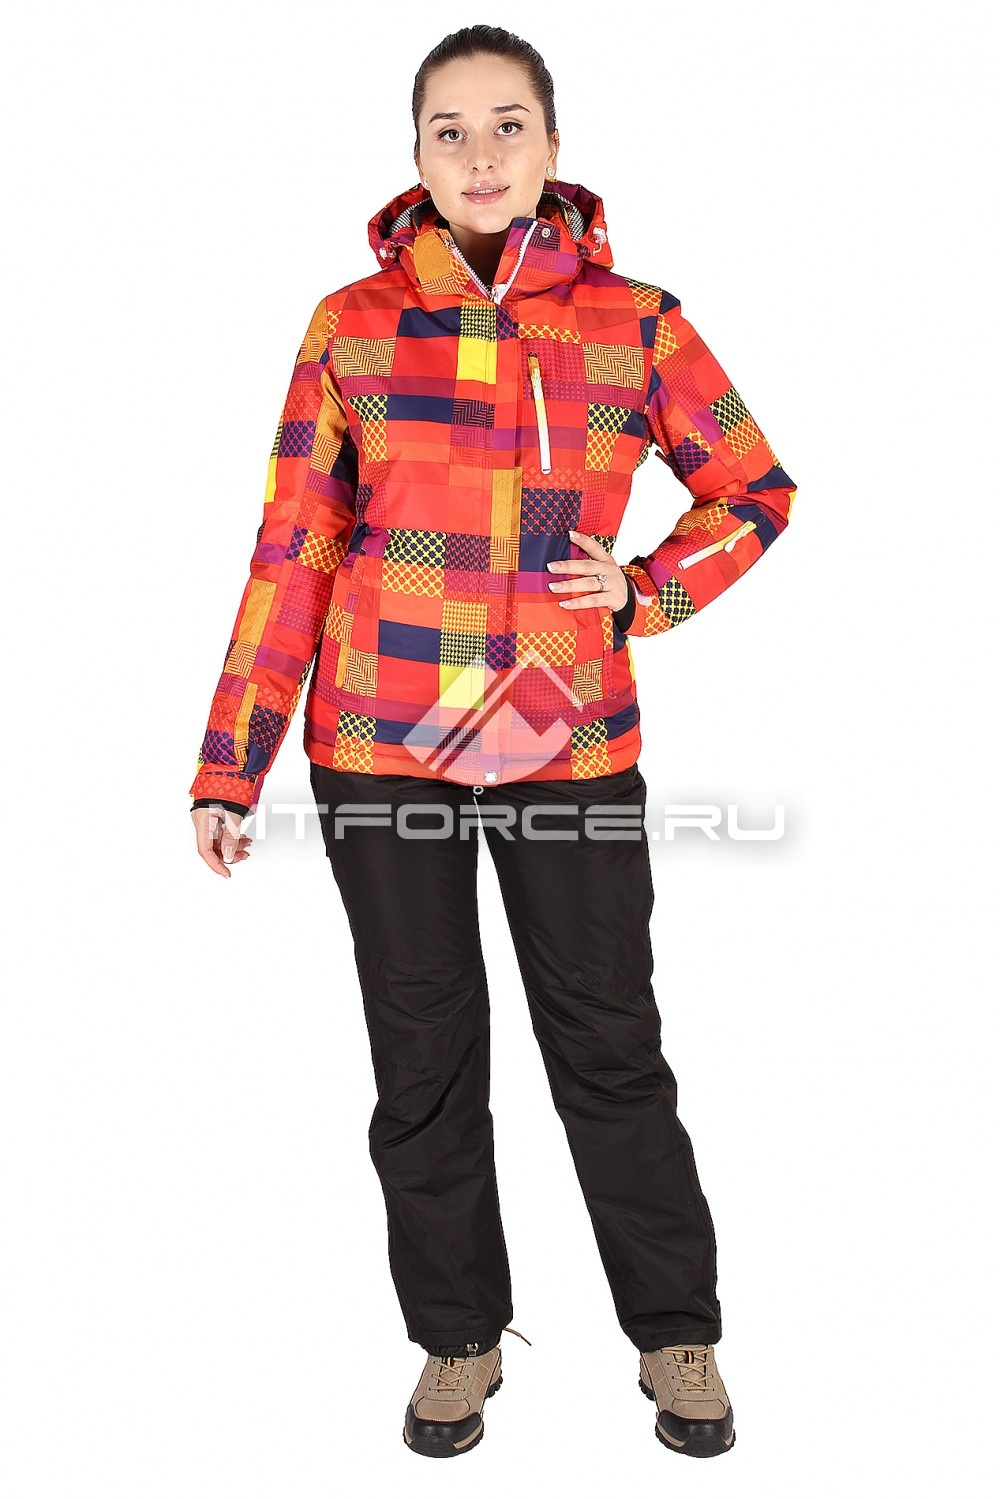 Горнолыжный костюм женский доставка